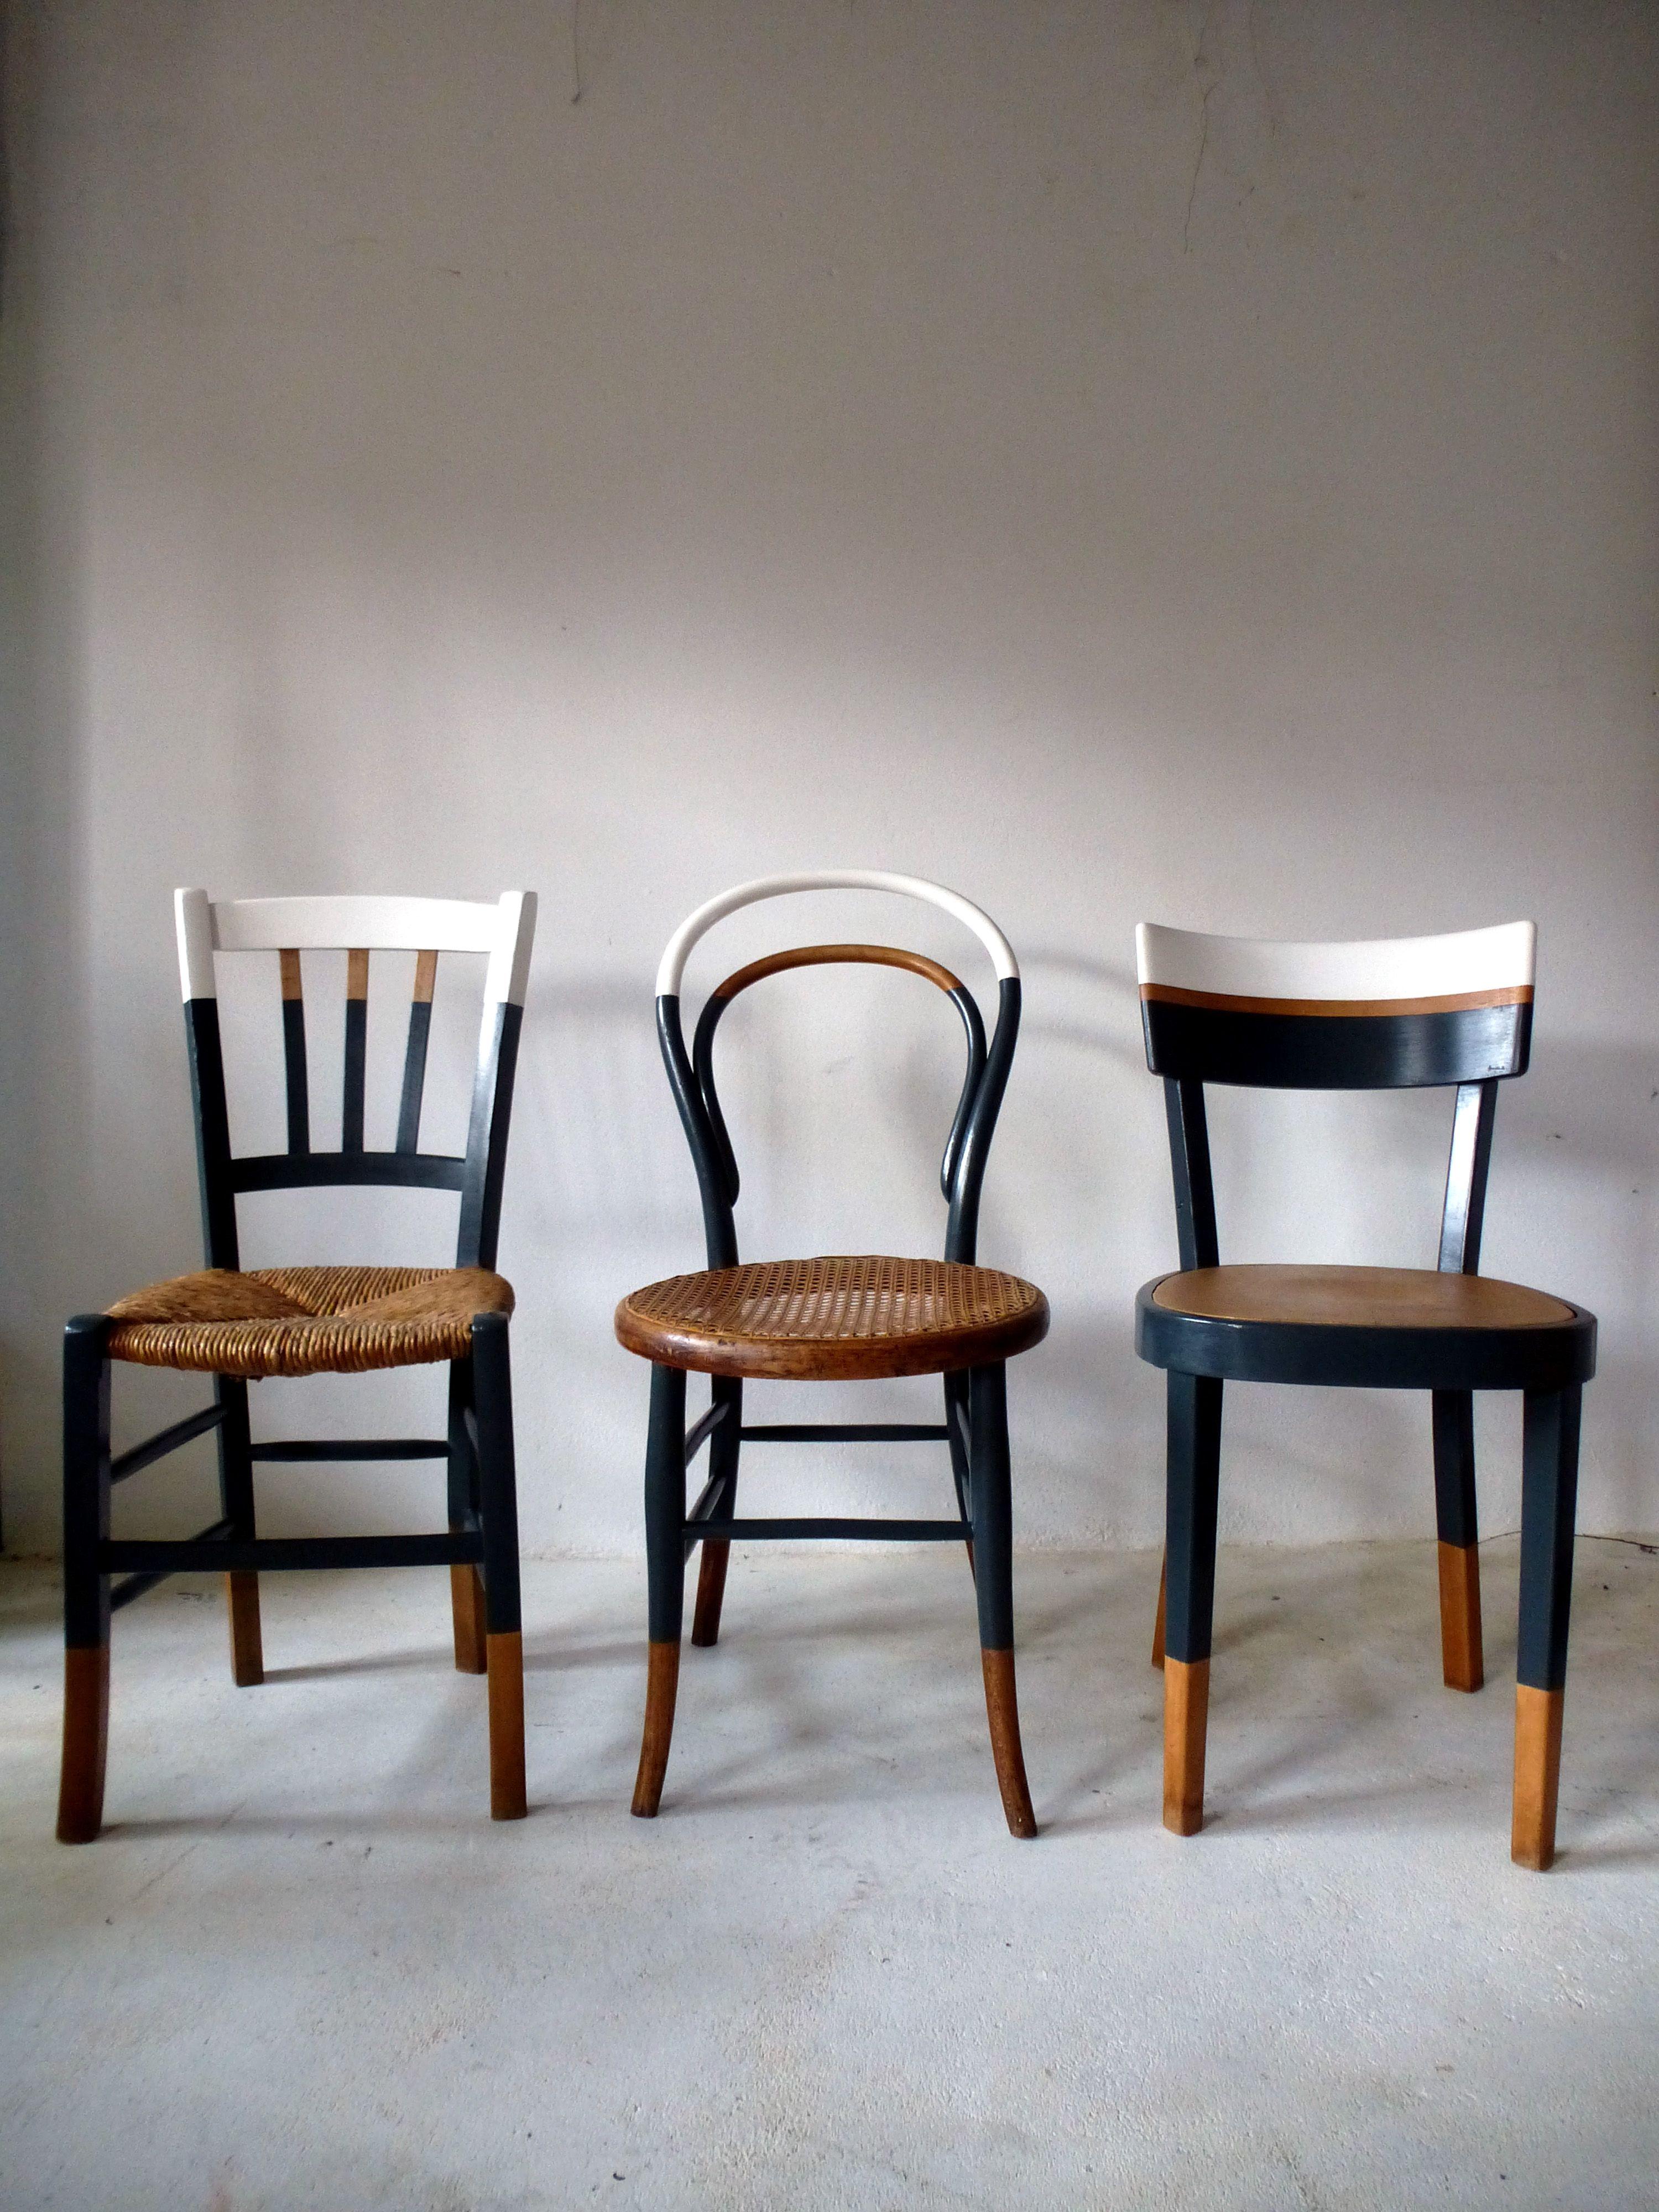 Style De Chaises Anciennes ensemble de 6 chaises anciennes dépareillées vintage